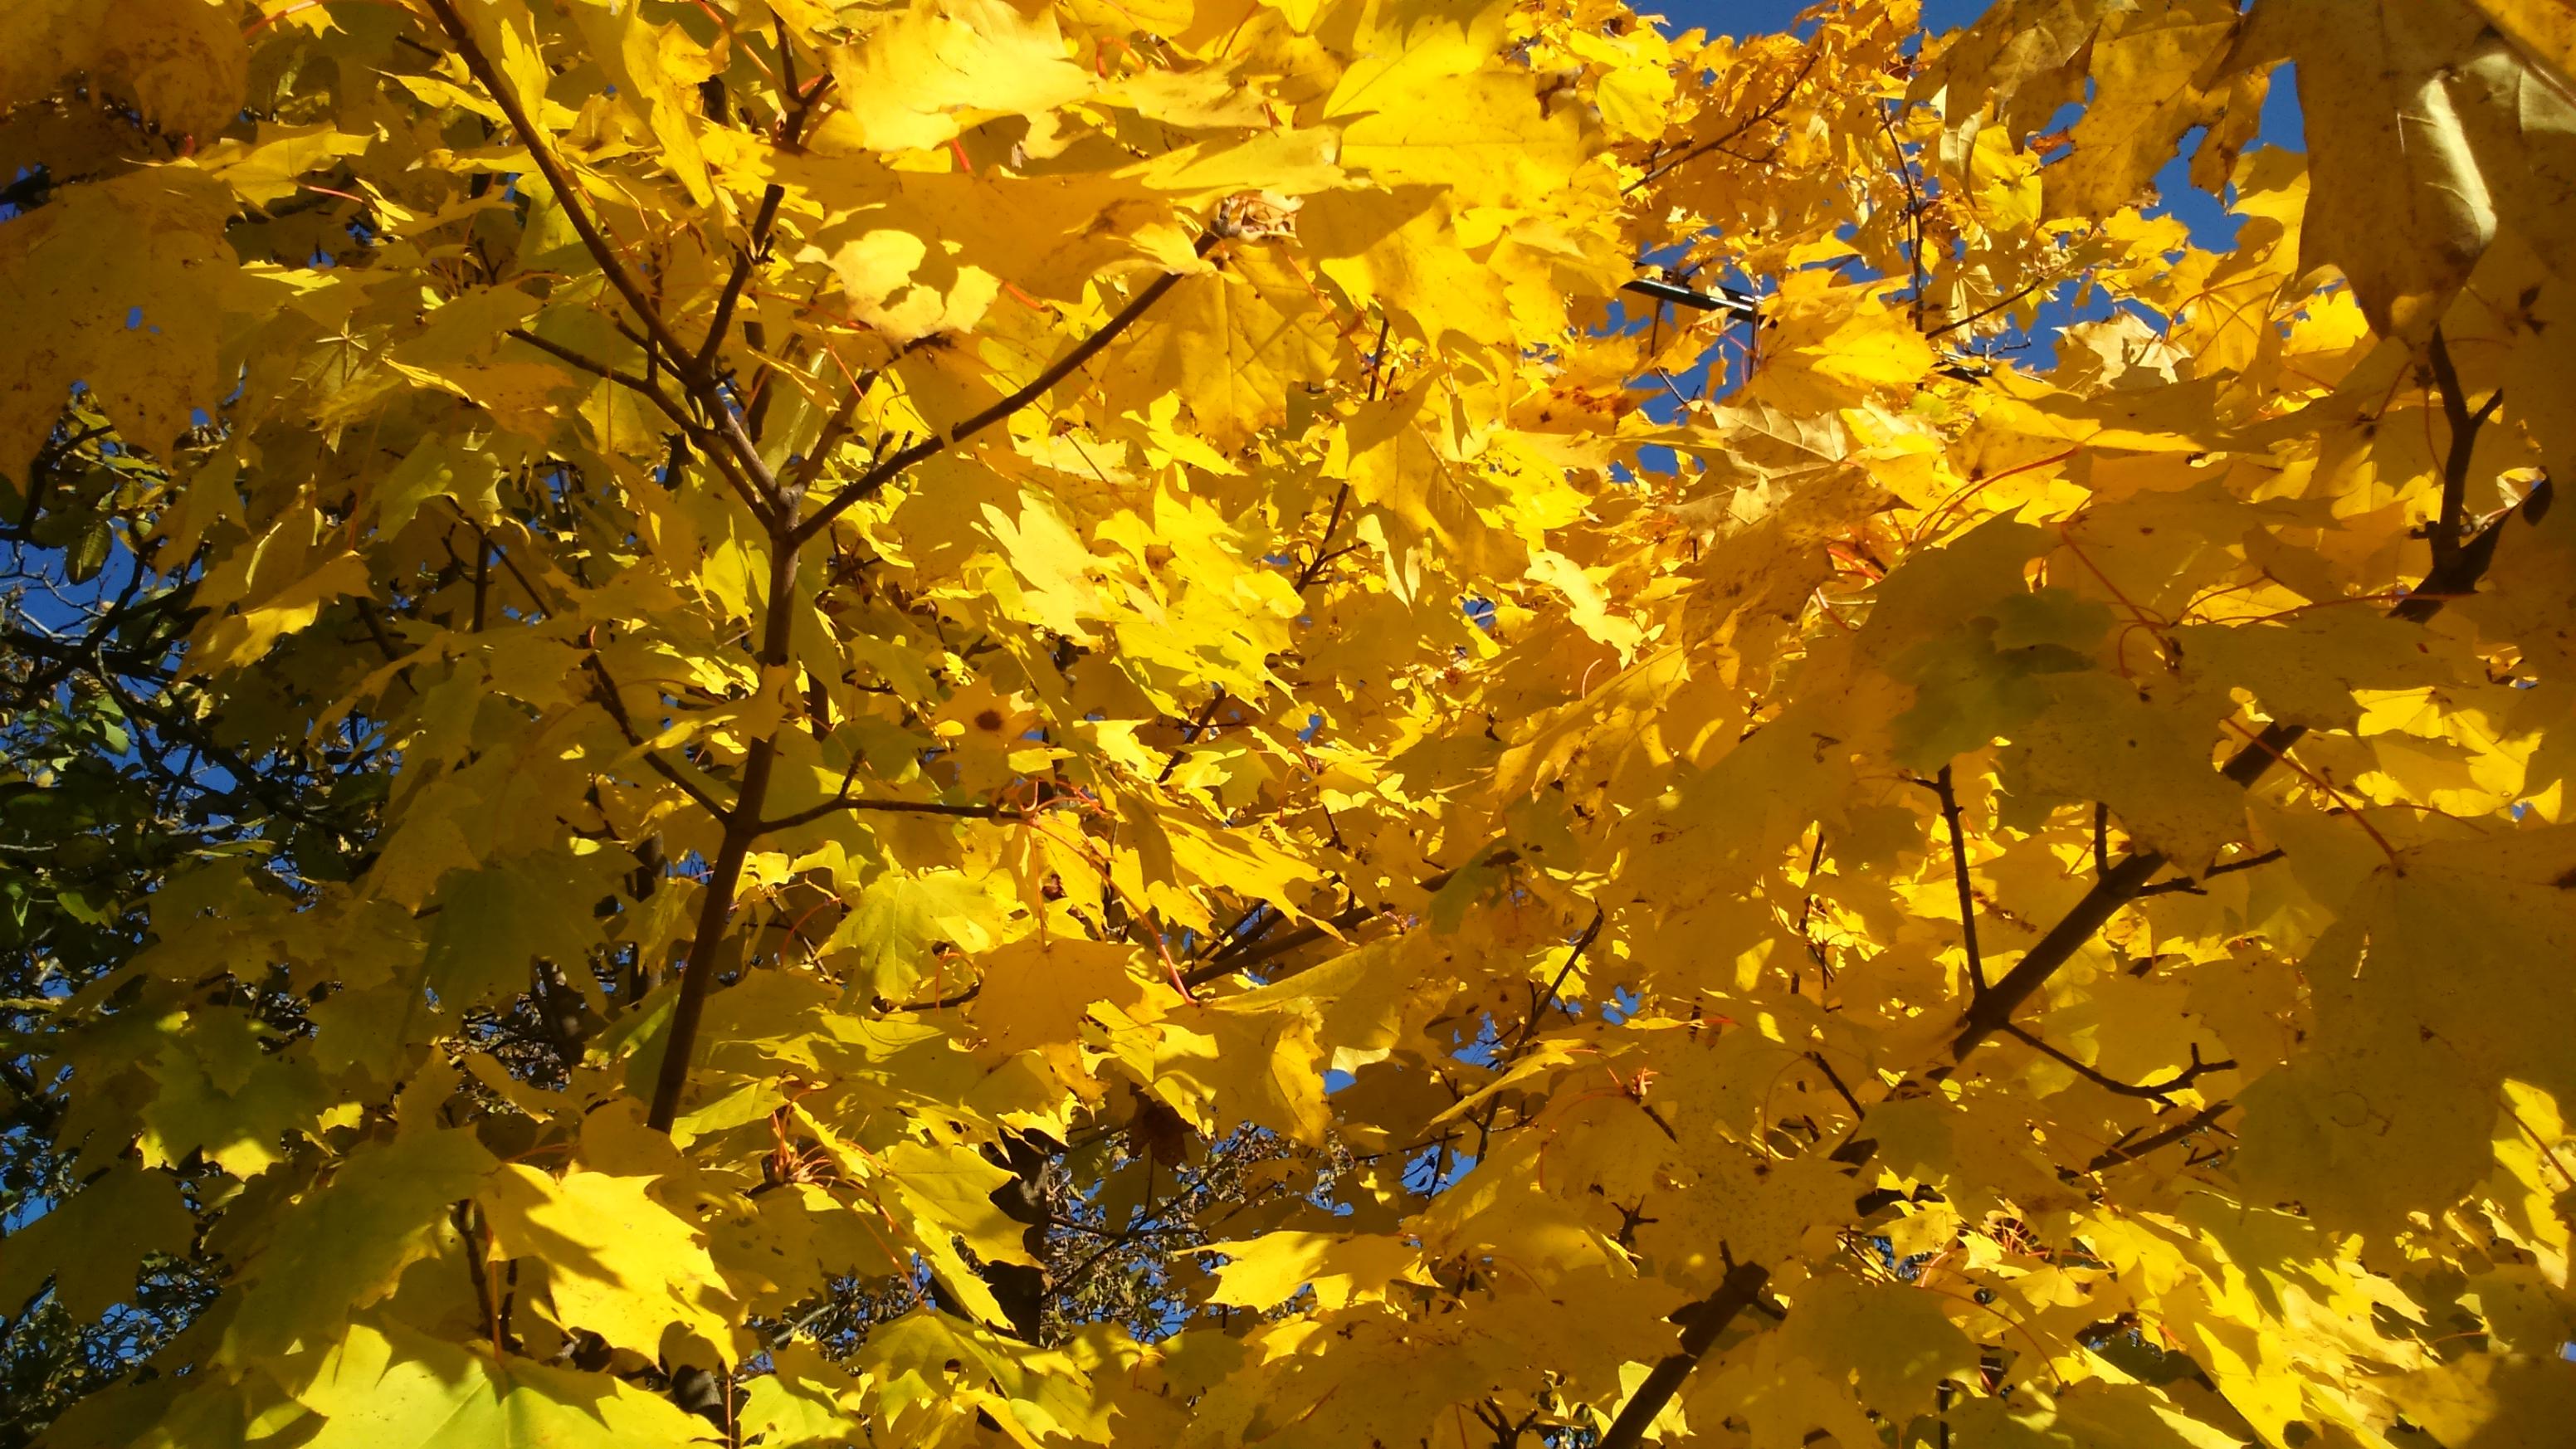 2015-10-21_15_29_31.jpg